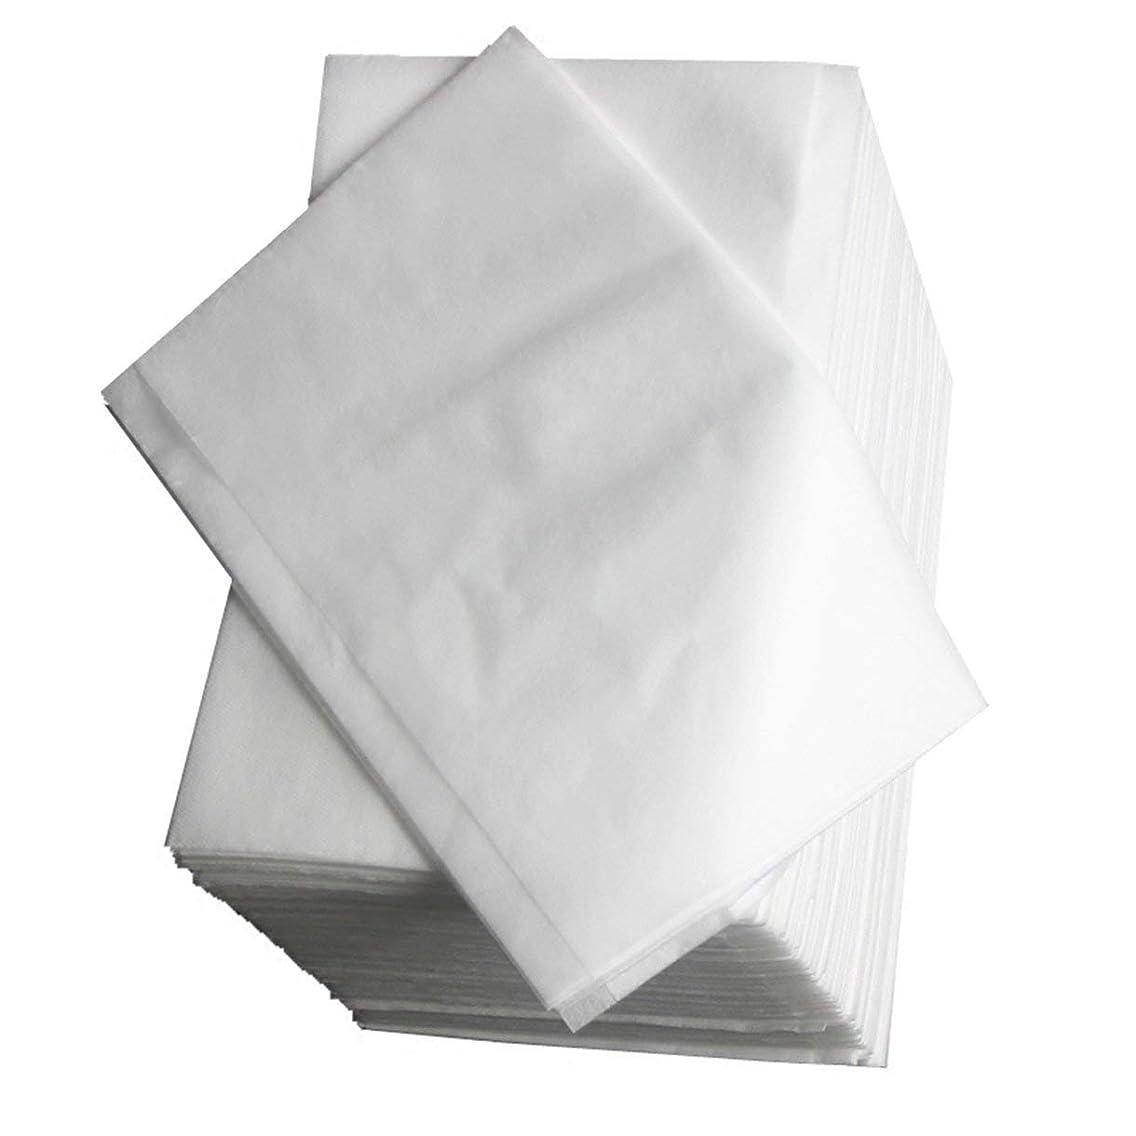 メディックメッセージ犯罪Disposable Bed Linen Beauty Salon Massage Travel Medical Non-woven Mattress Breathable Antibacterial Anti-infective